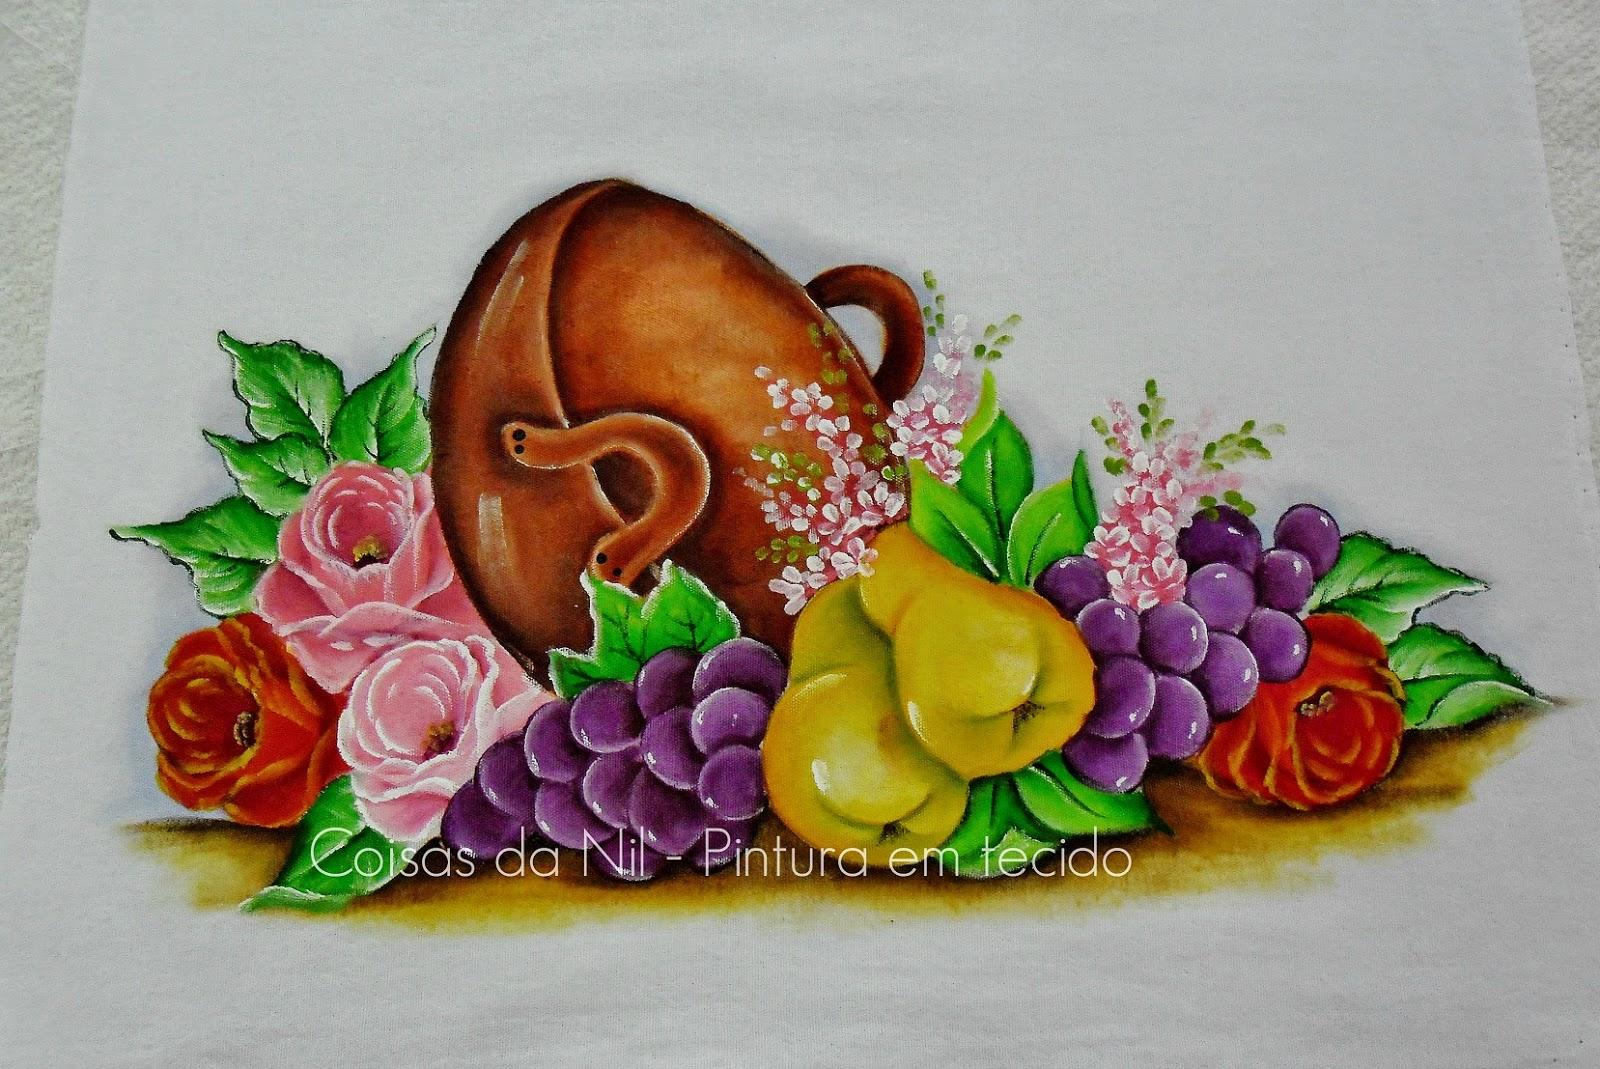 pintura em tecido tacho com frutas e rosas